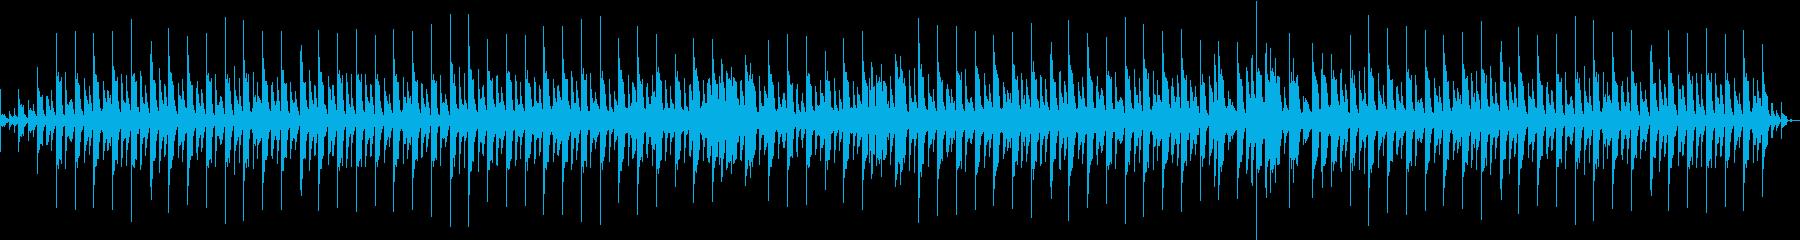 EDMですの再生済みの波形